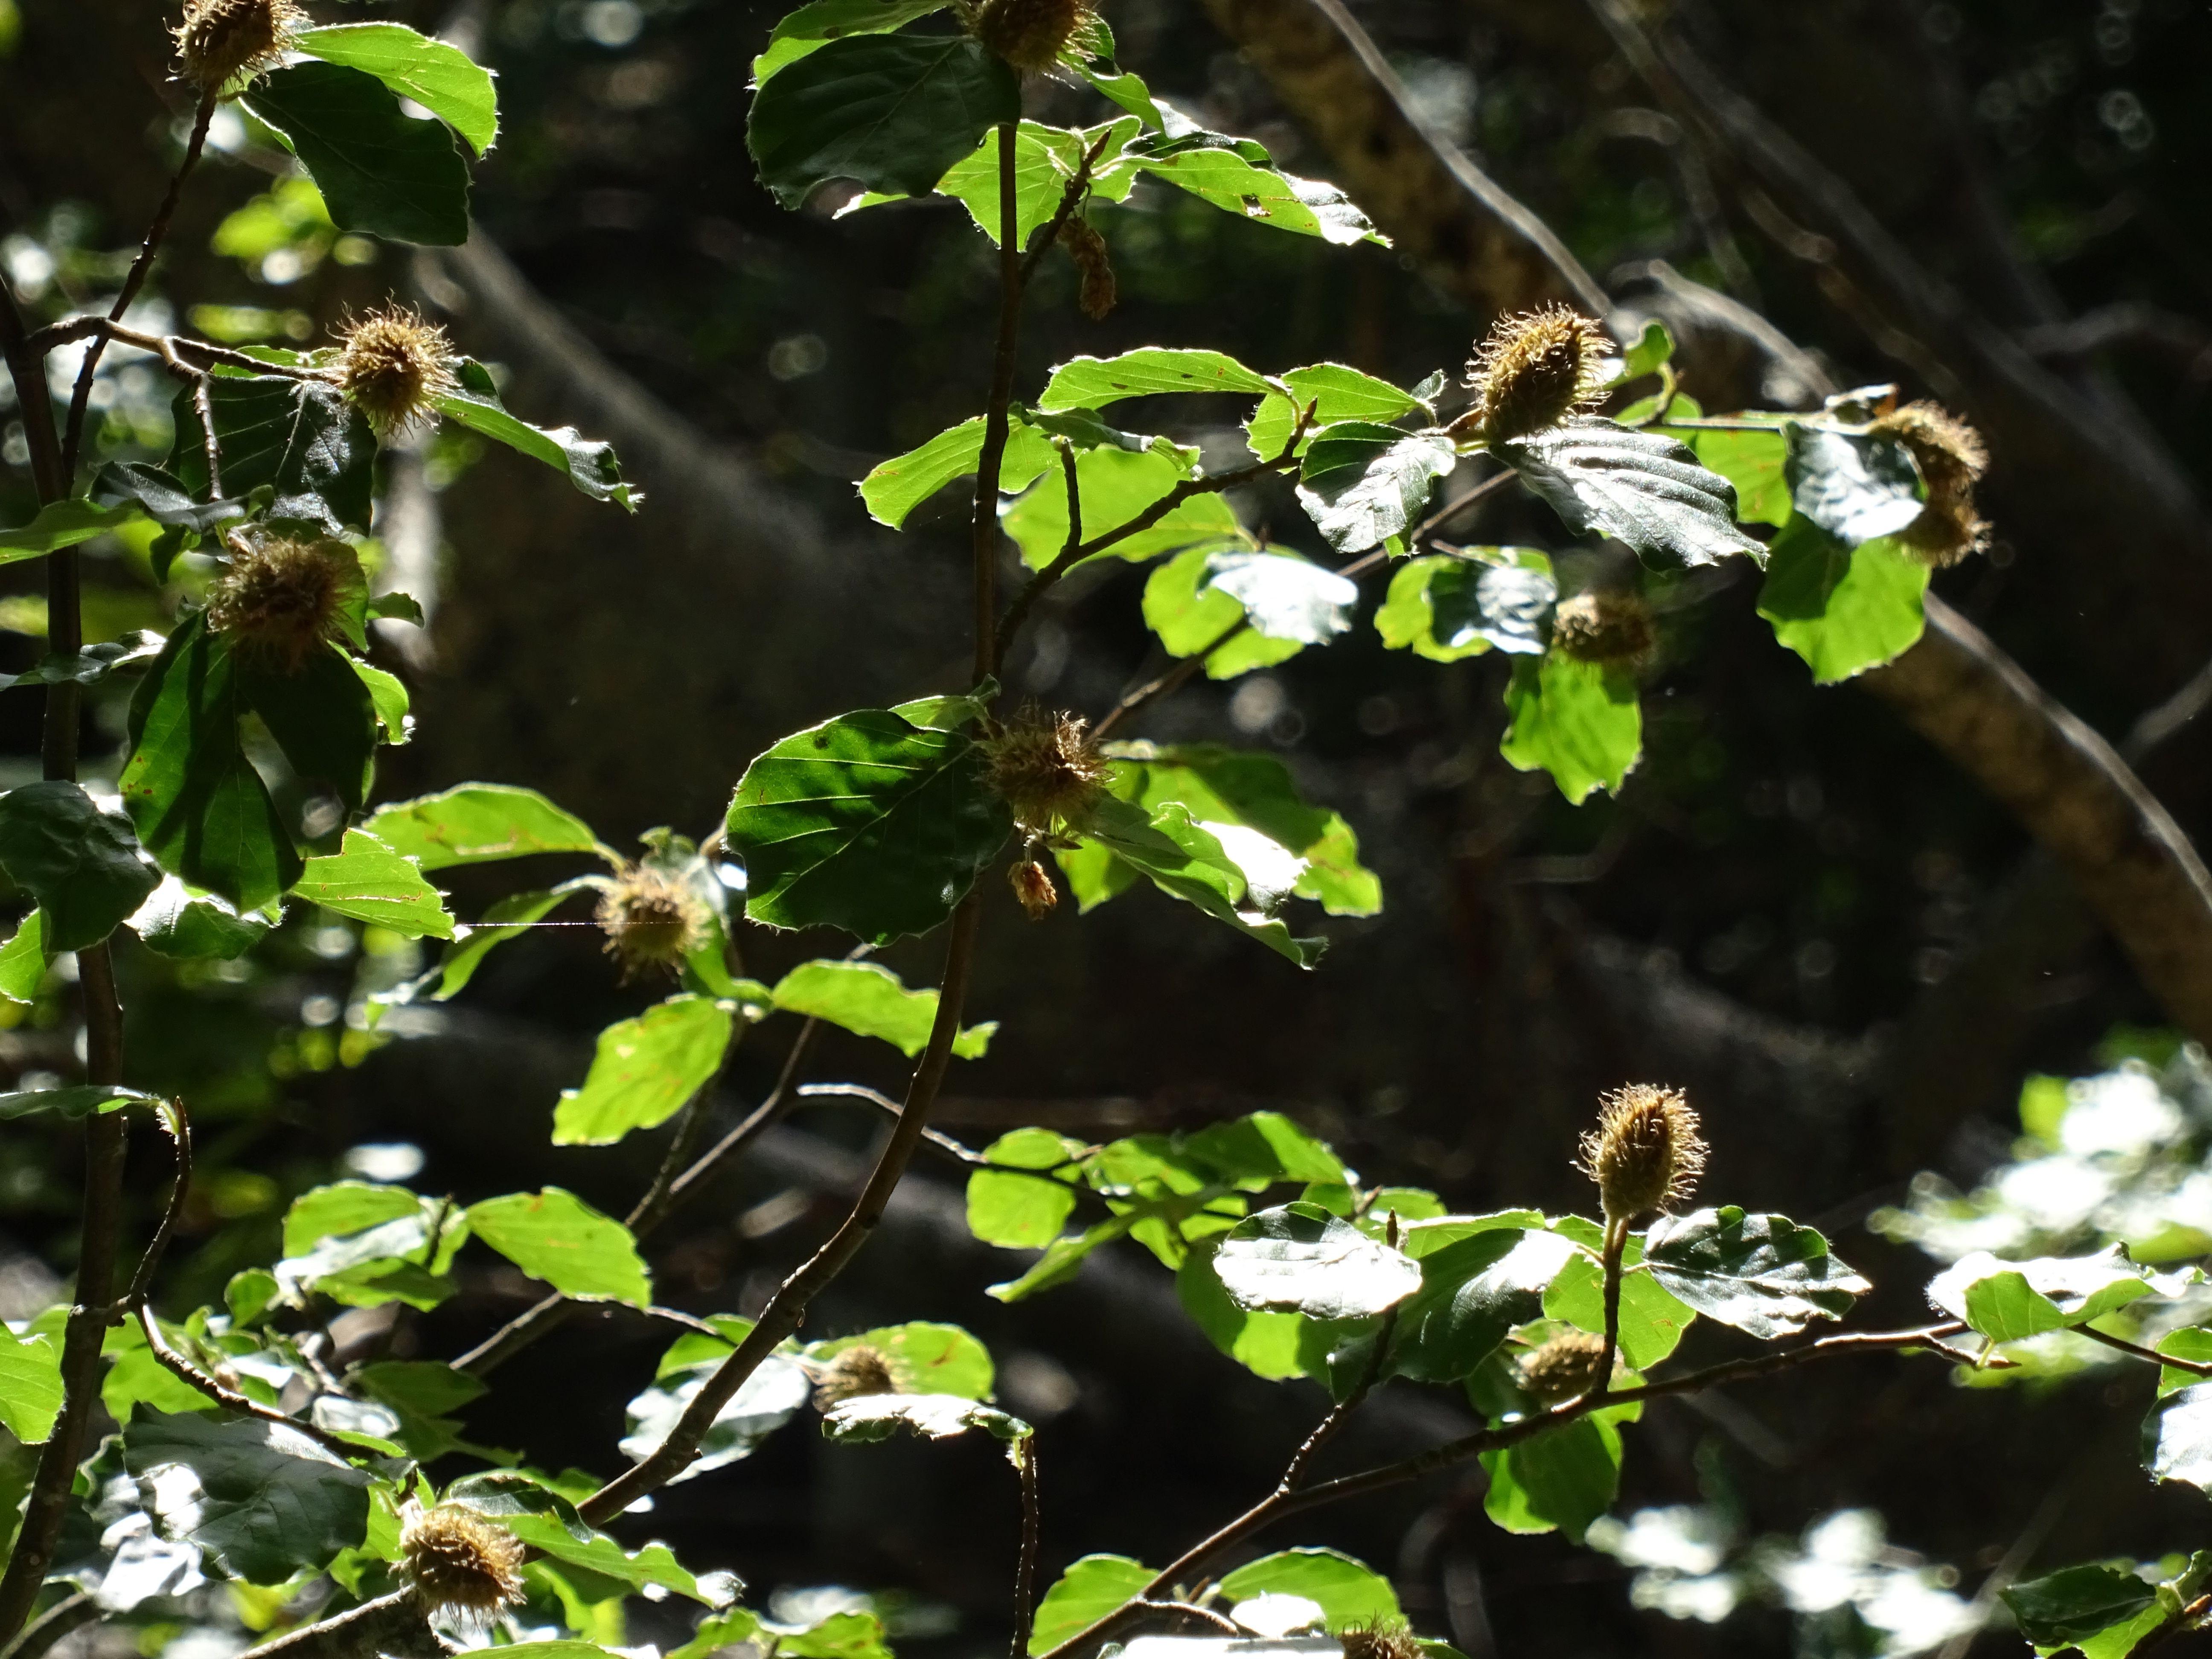 Vemos las ramas de un haya con sus hayucos, son semillas redondas con una cubierta de pinchos que las protege